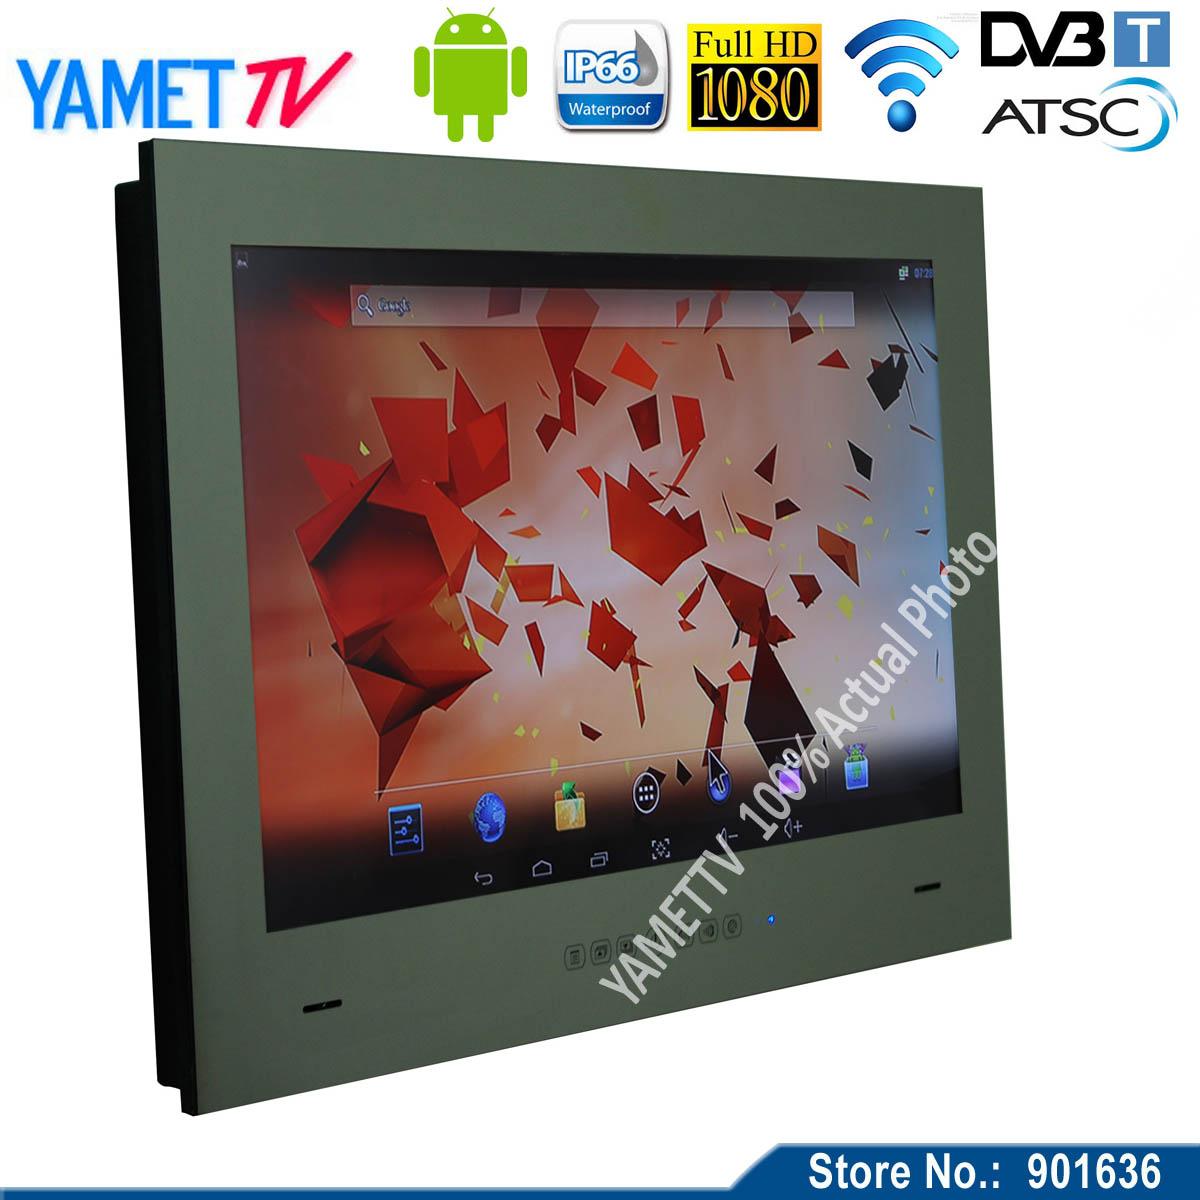 [해외] 15.6 인치? ? ???? ?? 4.2 욕실 TV IP66 방수 거울 TVWIFI HD HDMI/Free shipping 15.6 inch 안드로이드 4.2 bathroom TV IP66 Waterproof Mirror TVWIFI HD HDMI